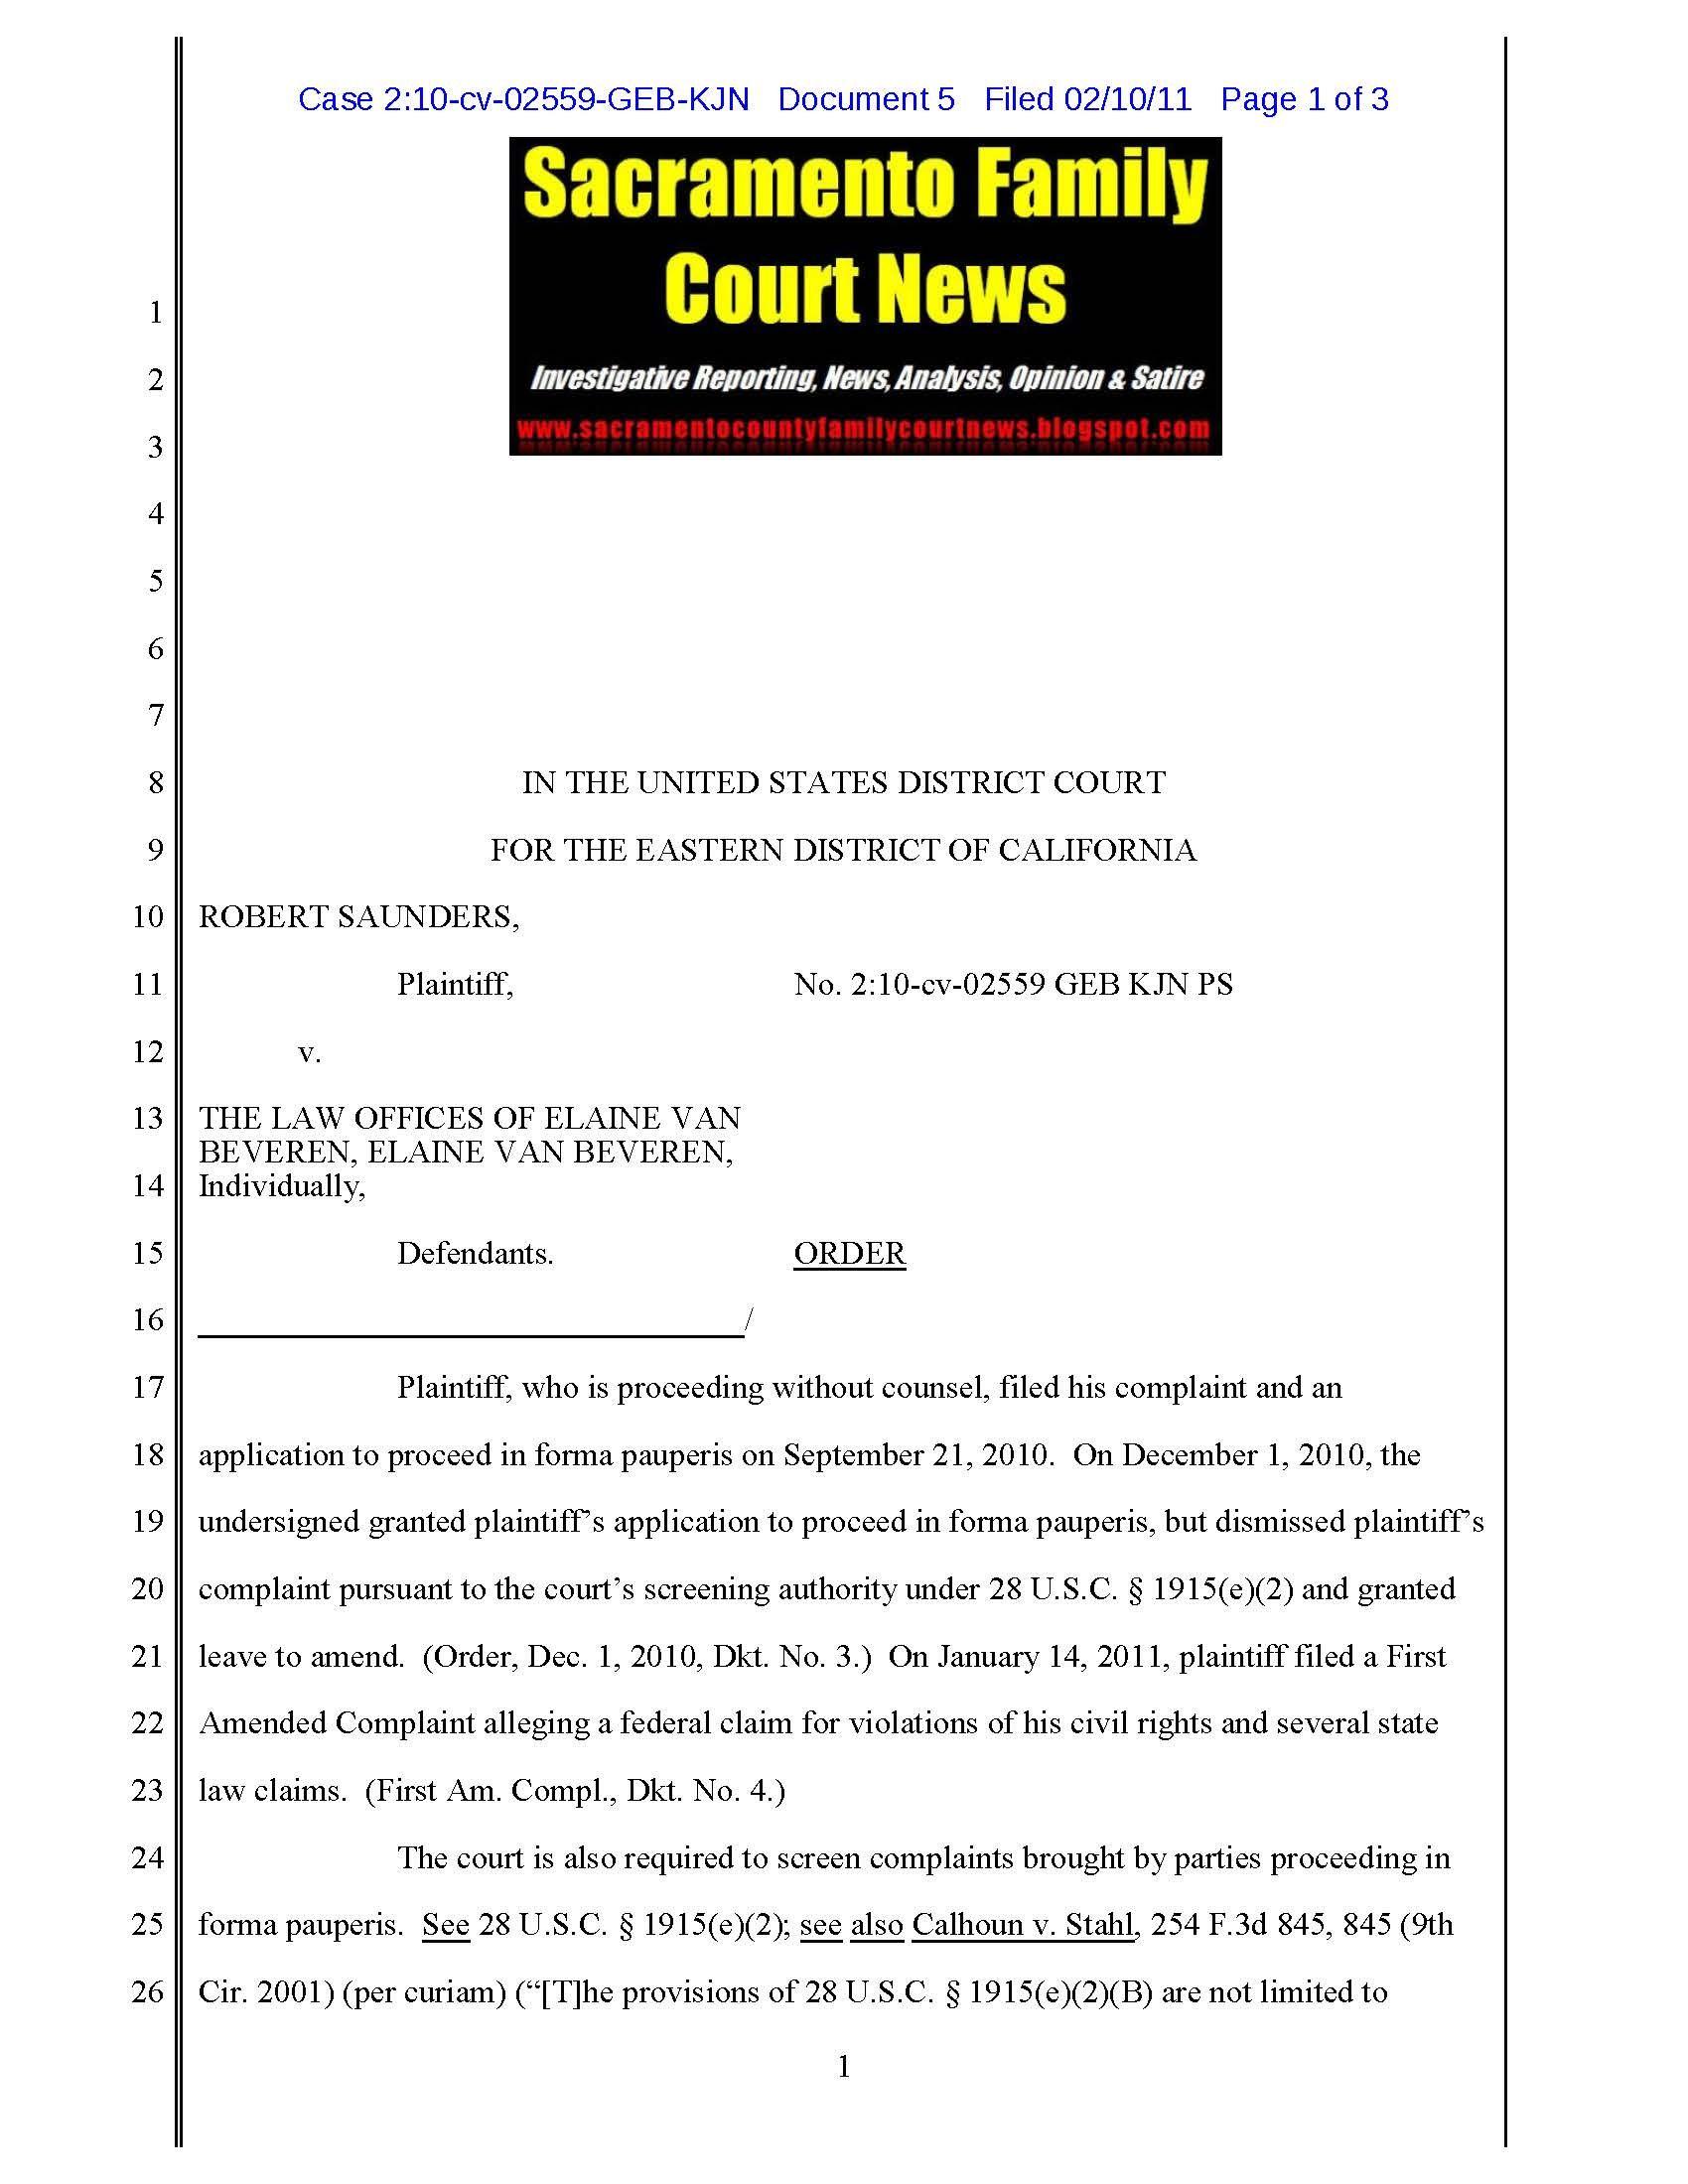 Family Law Attorney Pro Bono